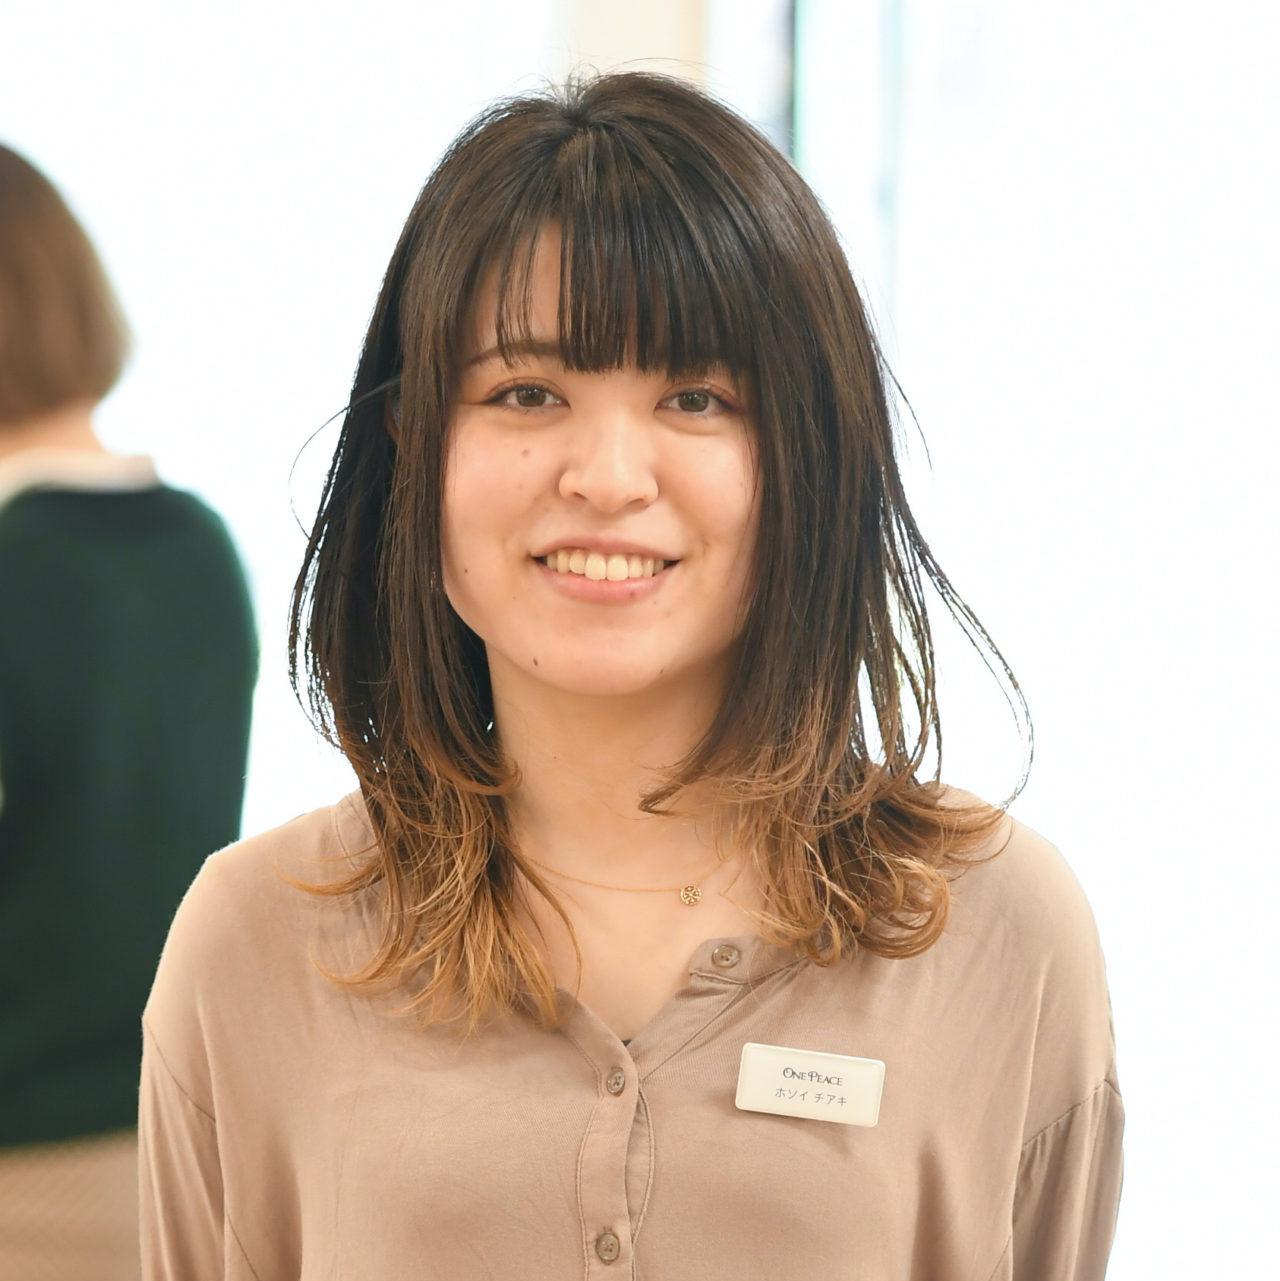 Chiaki Hosoi